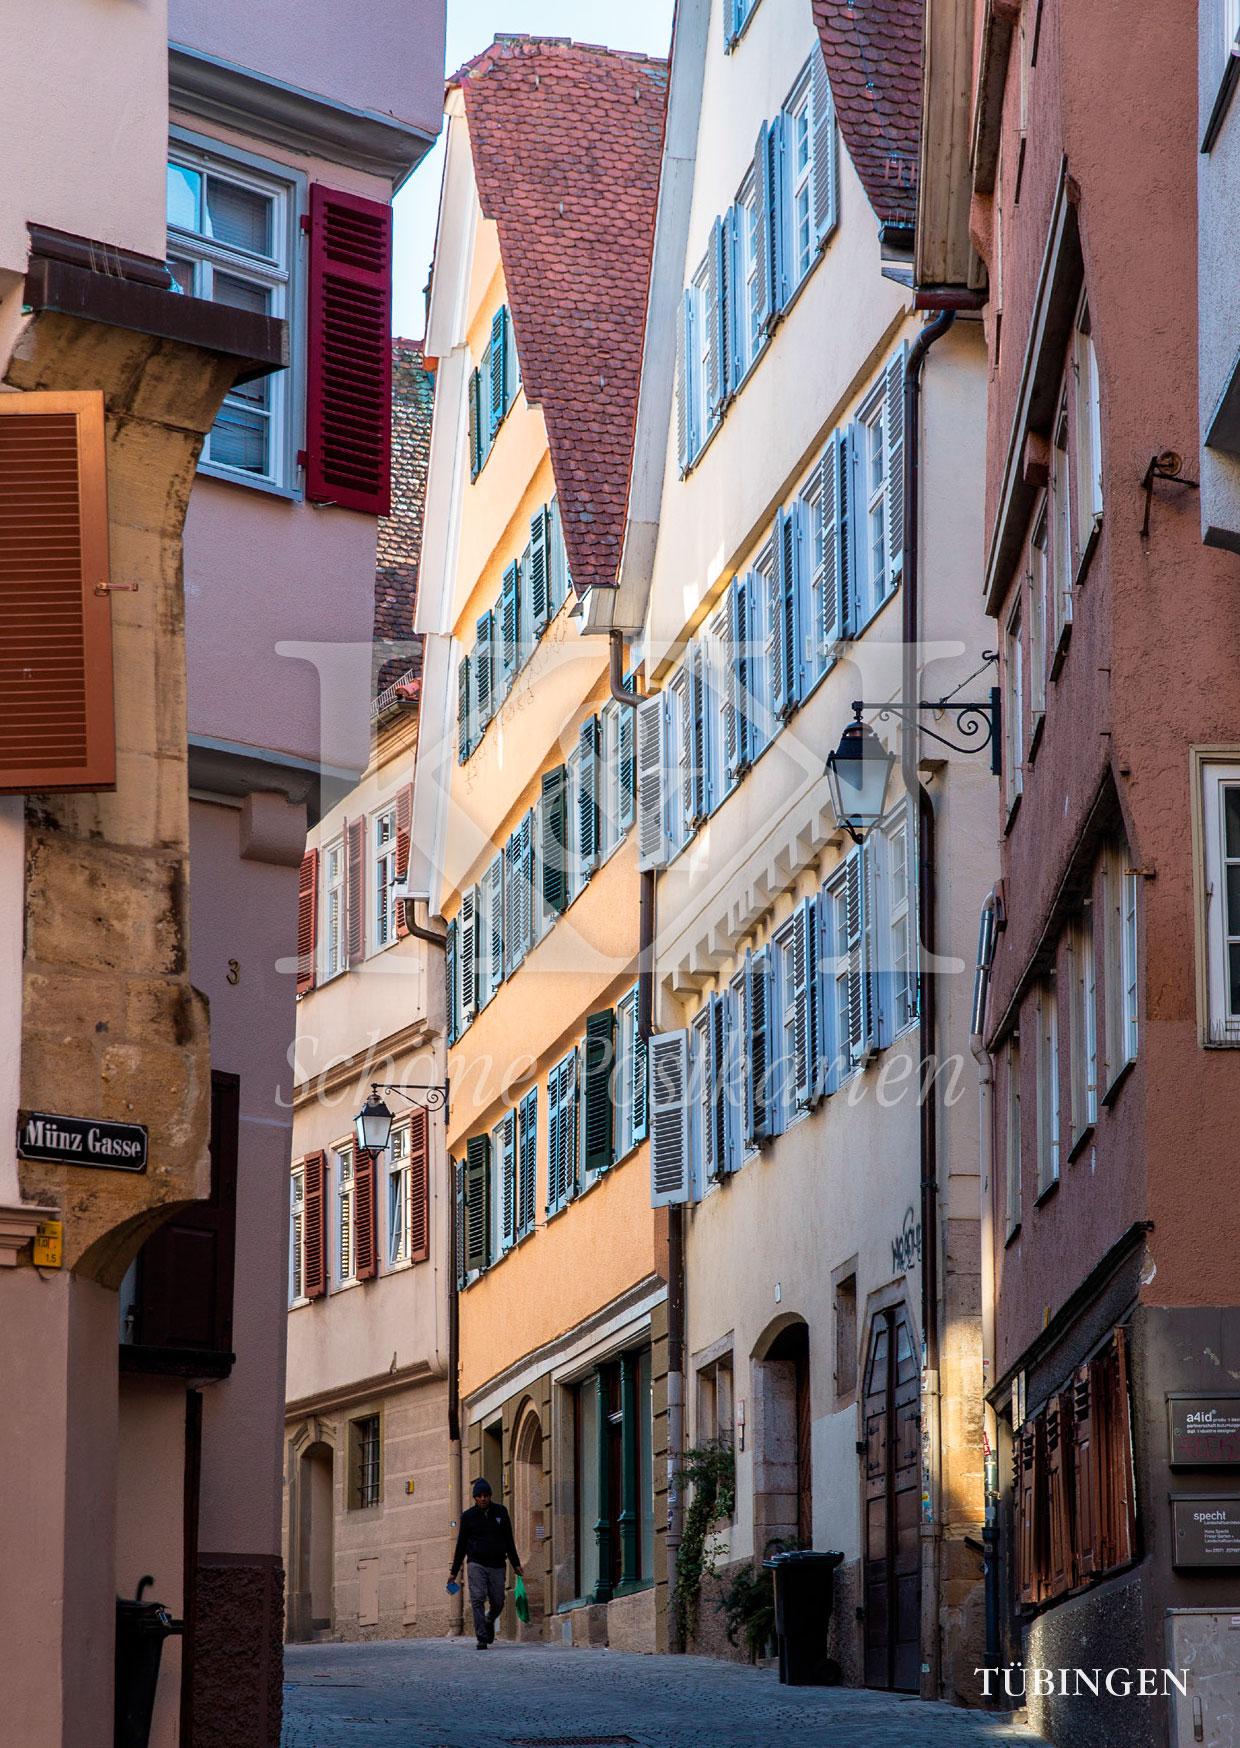 Schöne Postkarten Nr. 214 · Fachwerkhäuser in der Münzgasse in Tübingen © 2018